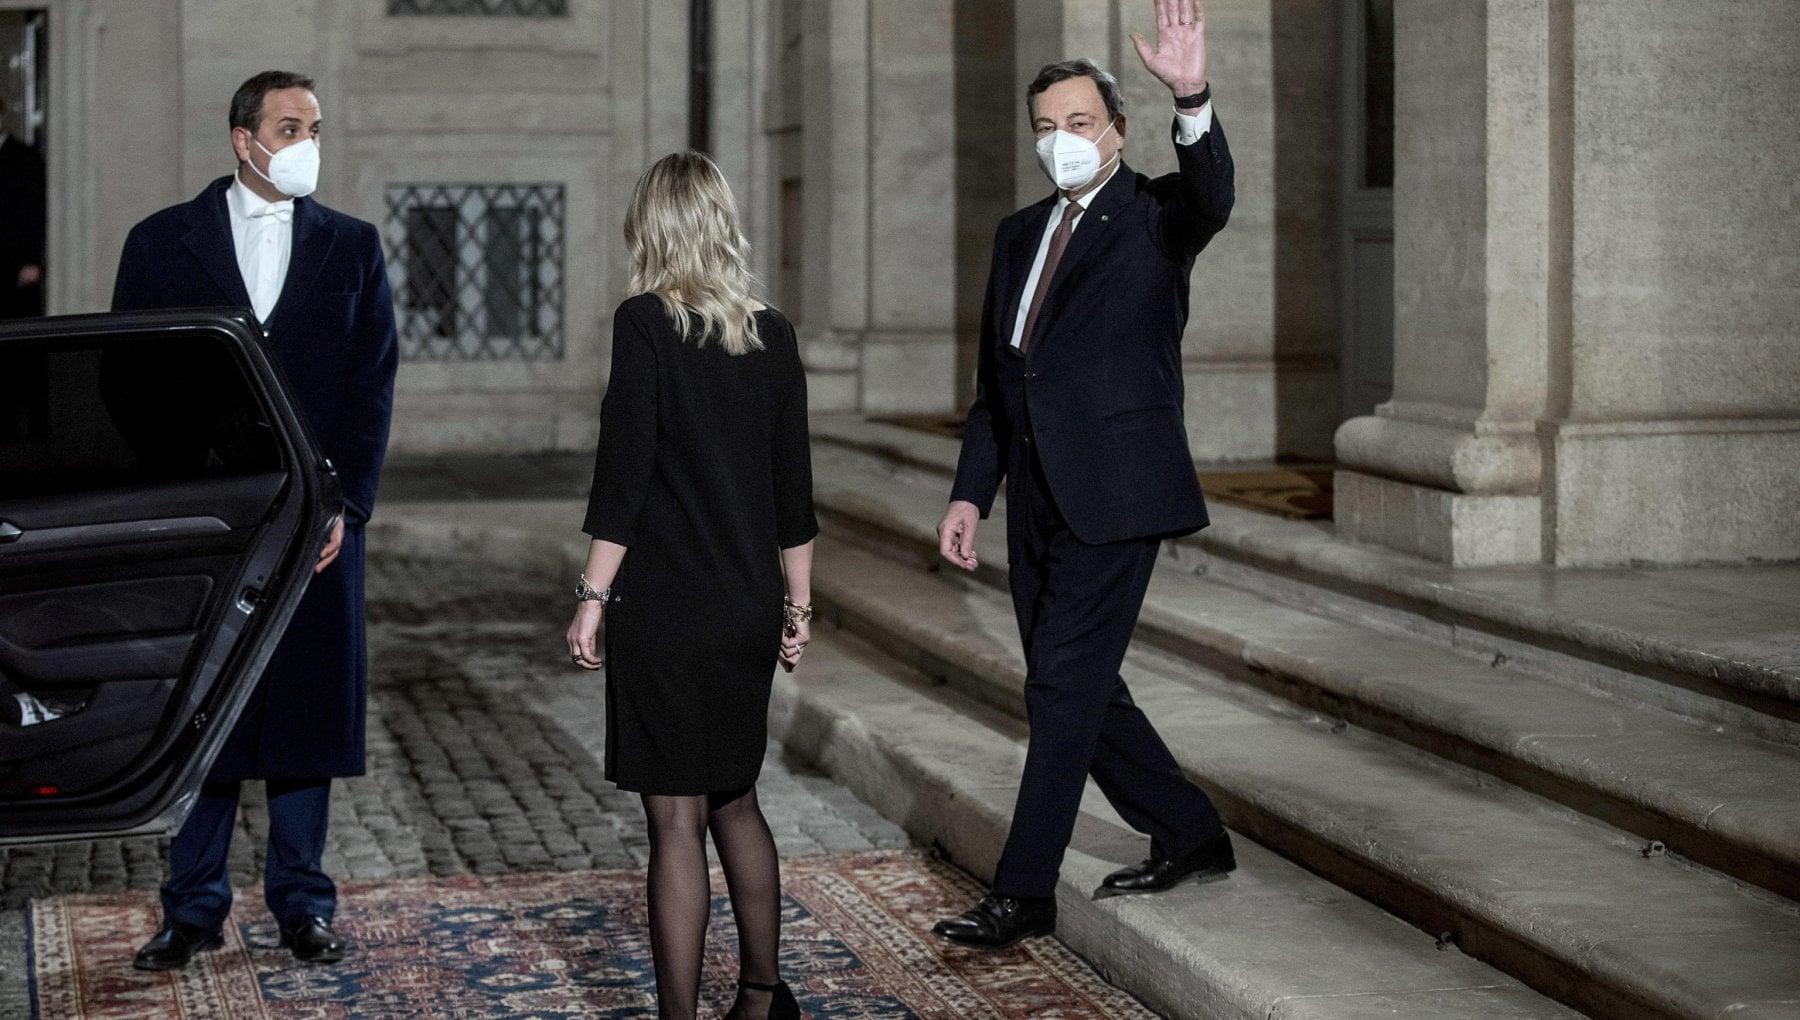 Governo, Draghi scioglie la riserva e annuncia i ministri:  Franco all'Economia, Cingolani alla Transizione ecologica, Cartabia alla Giustizia